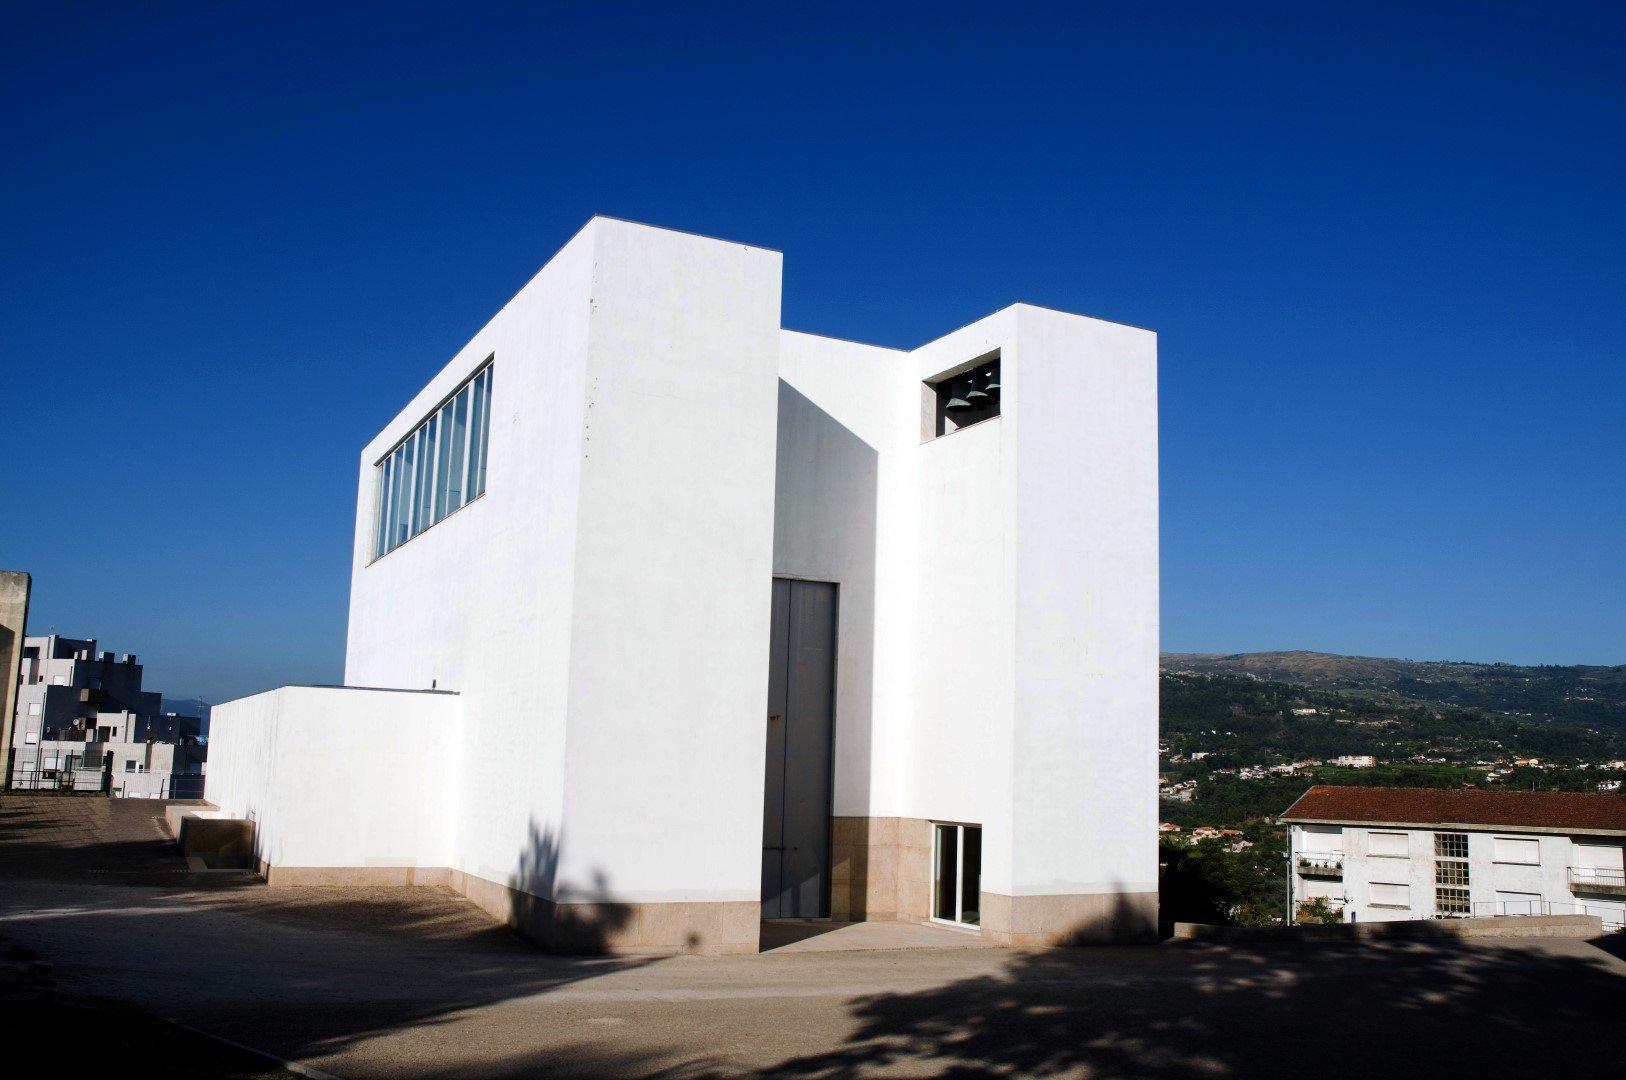 Iglesia de Canavezes de Siza Vieira